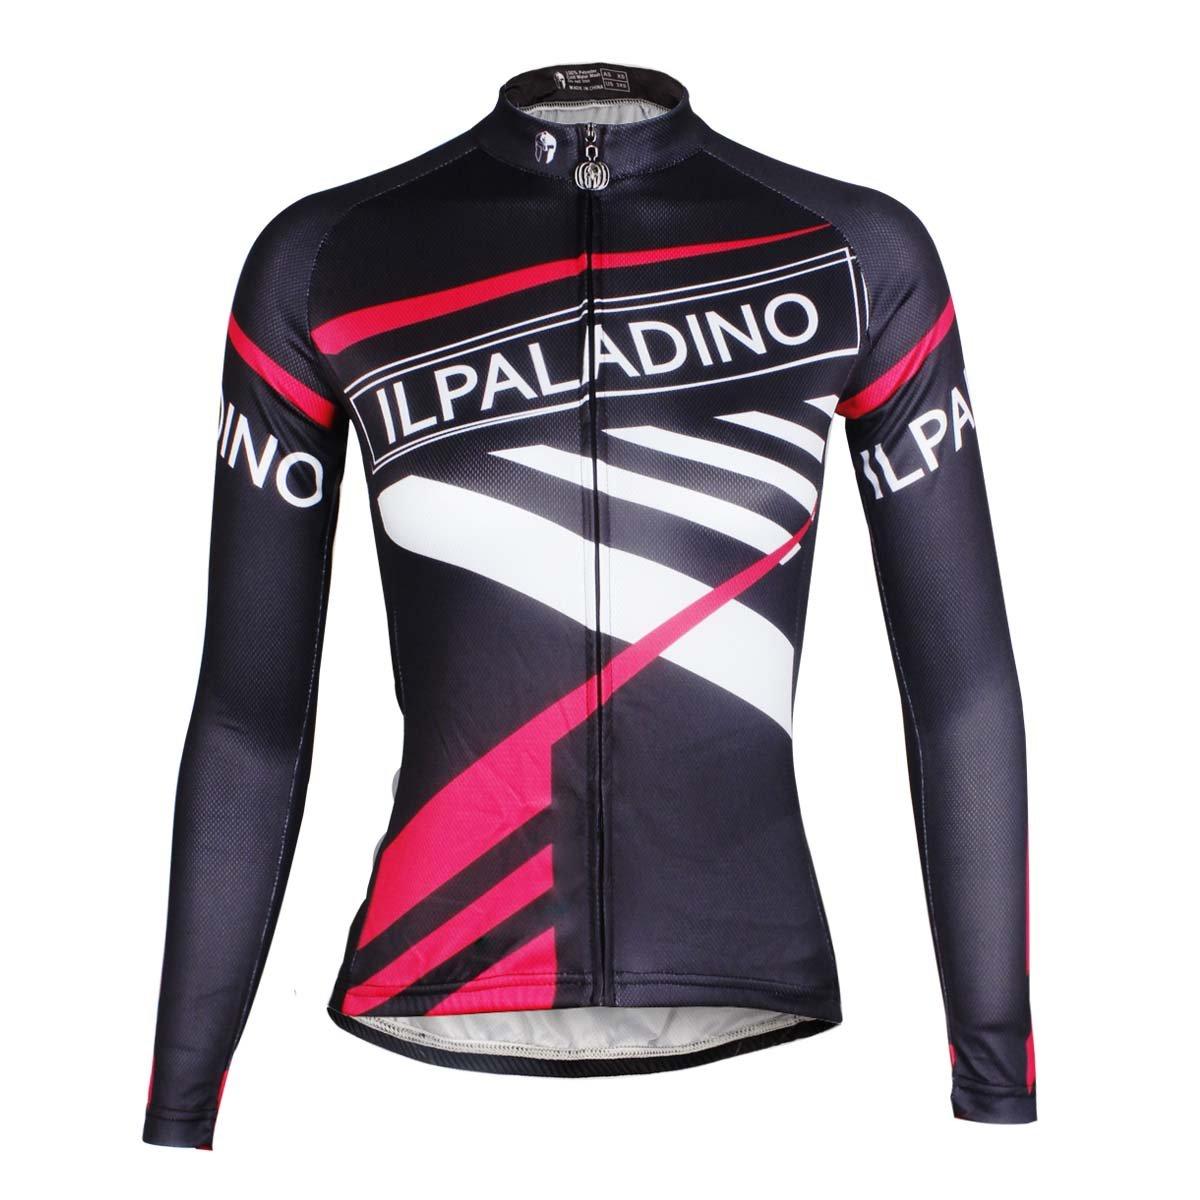 Ilpaladino レディース バイクシャツ 長袖 タイトデザイン サイクリングジャージ Large Move B01N79T127